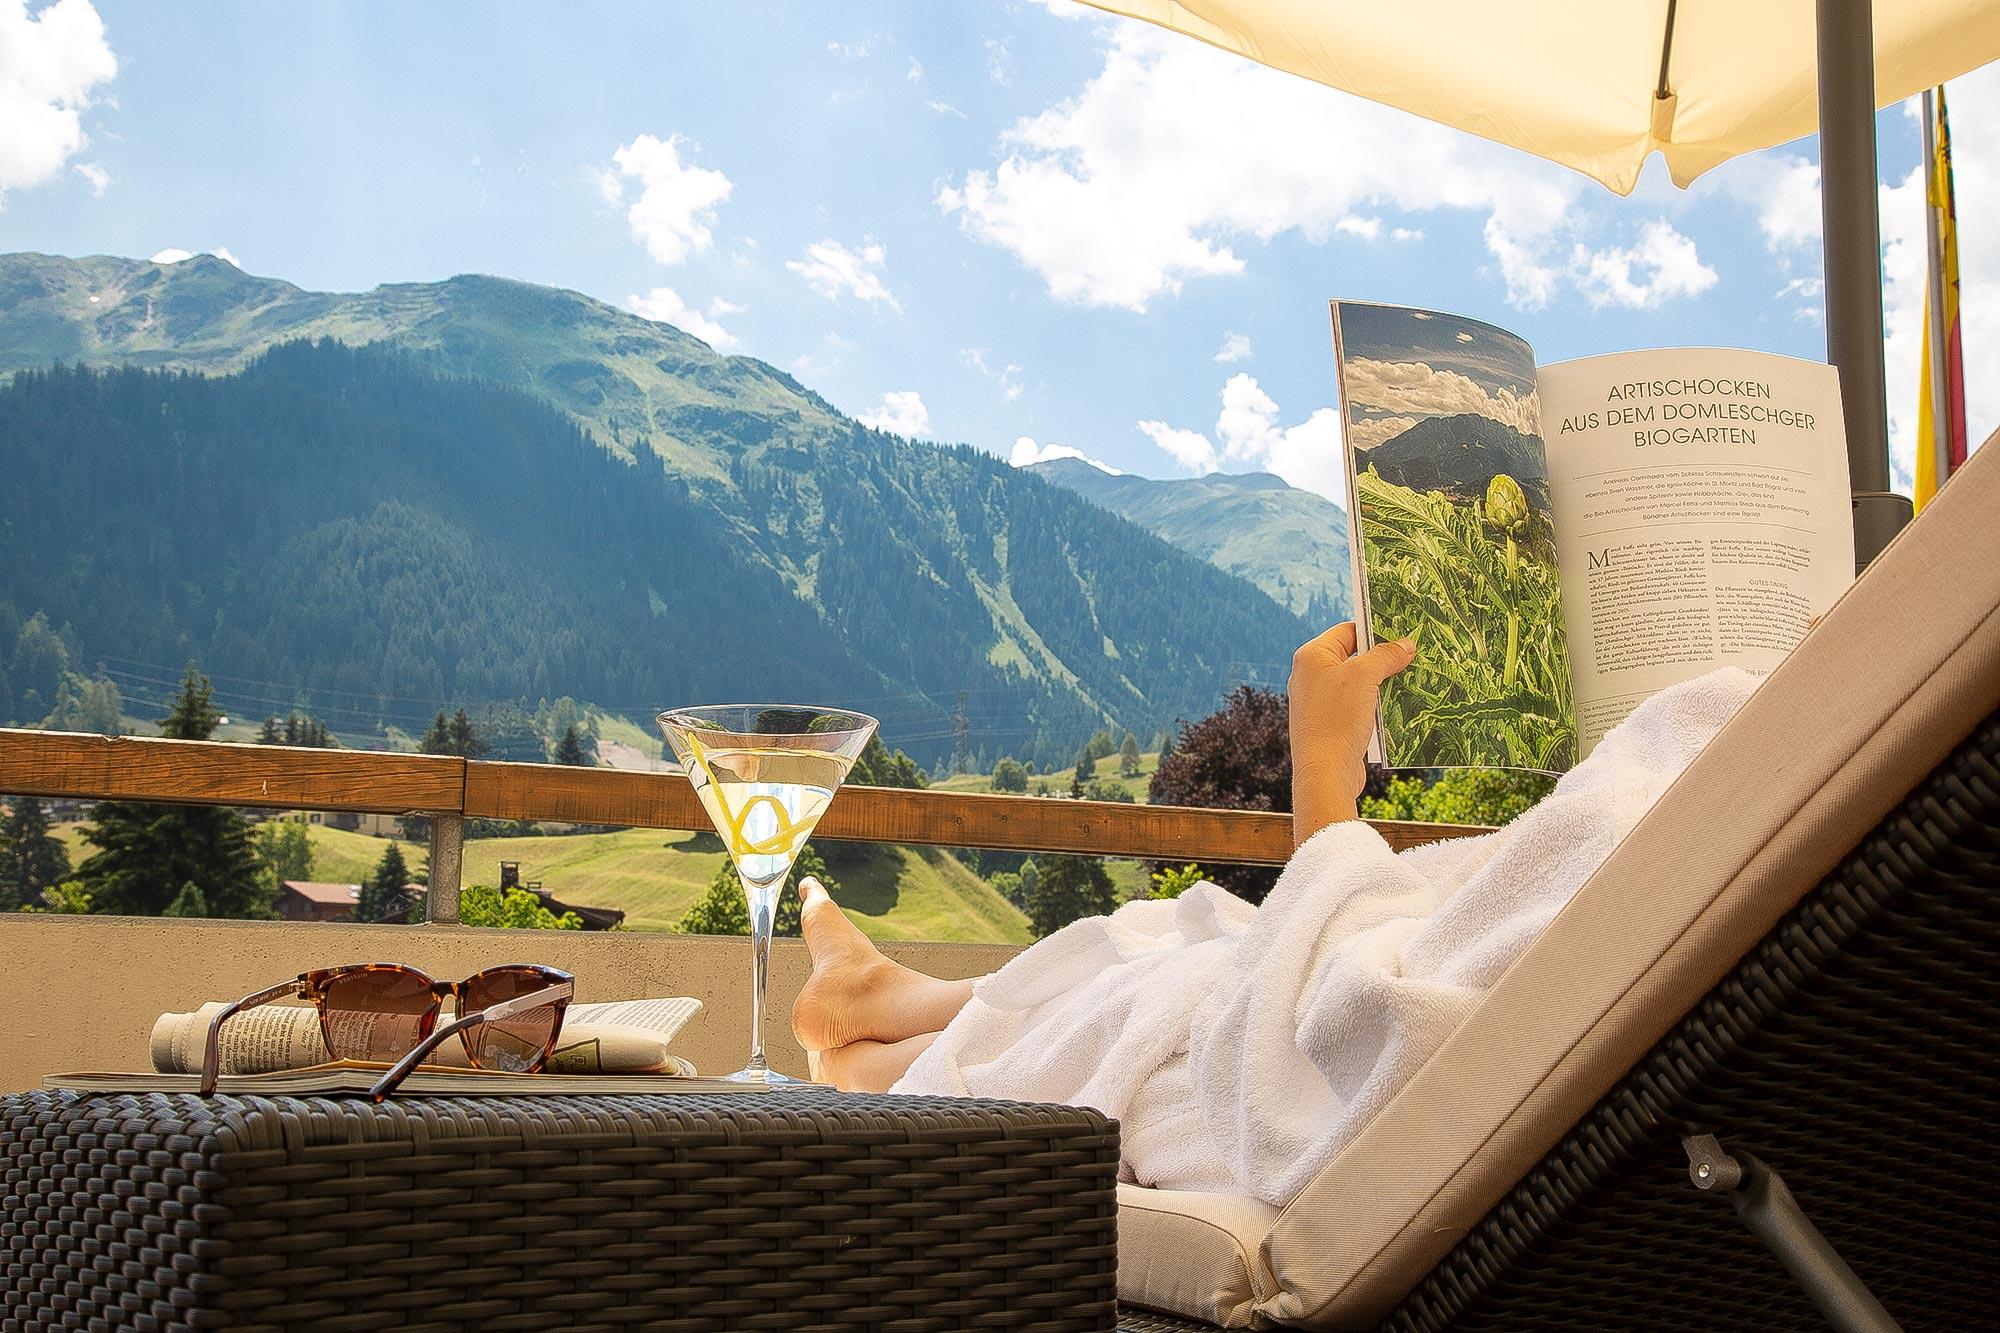 Piz Buin Schweiz Relax Lifestyle Fotografie von Adrian Kilchherr; Hotel und Resort Fotograf